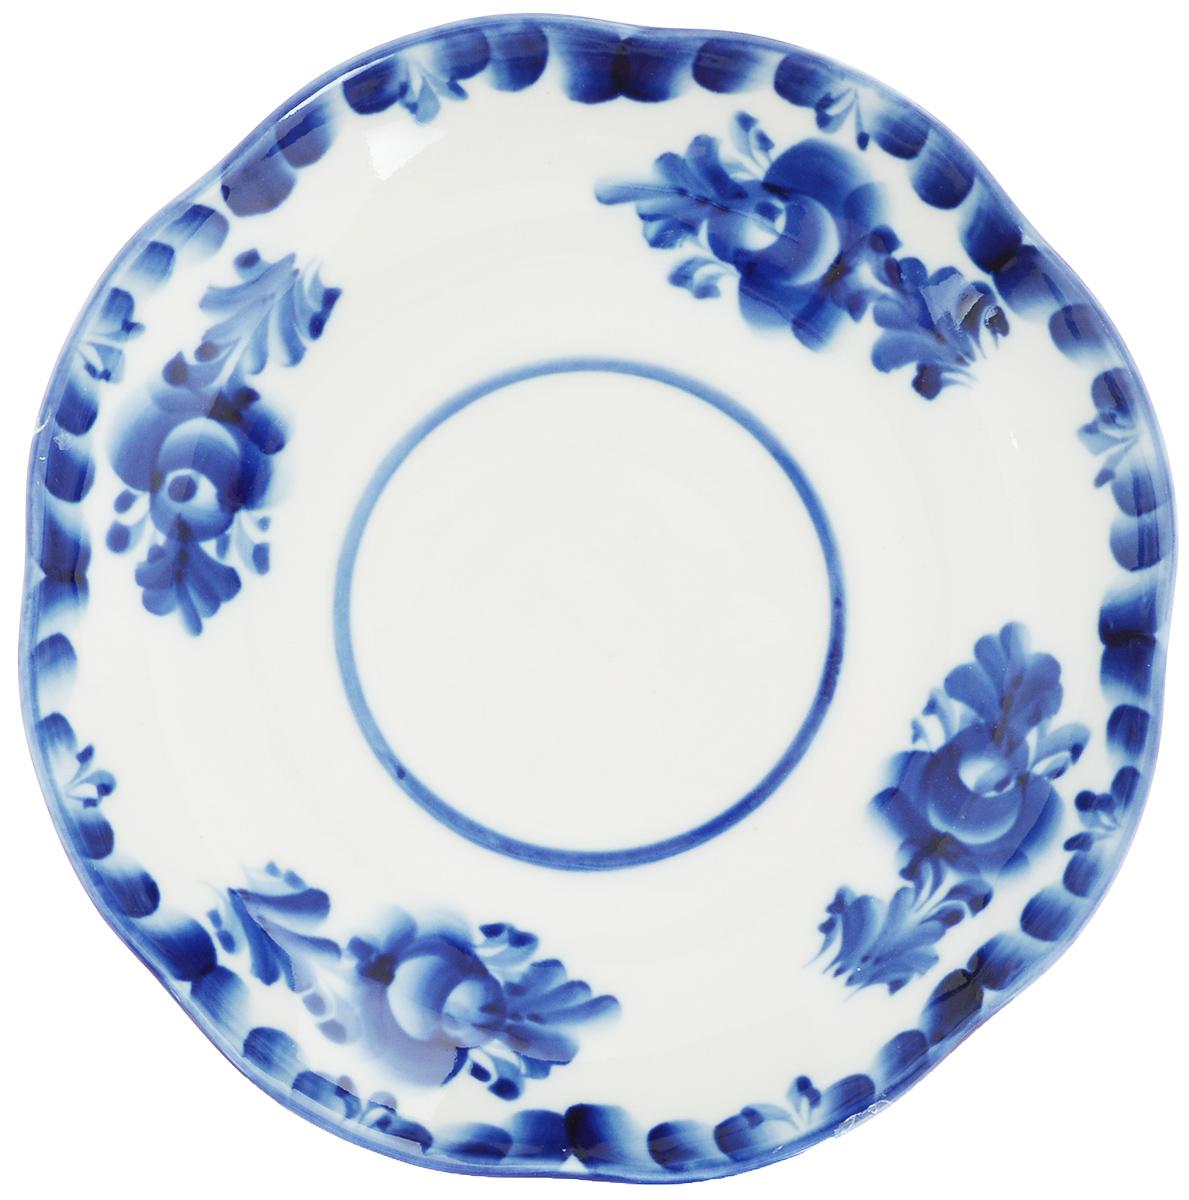 Блюдце Улыбка, диаметр 17,5 см. 993016901993016901Блюдце Улыбка, изготовленное из высококачественной керамики, предназначено для красивой сервировки стола. Блюдце оформлено оригинальной гжельской росписью. Прекрасный дизайн изделия идеально подойдет для сервировки стола.Обращаем ваше внимание, что роспись на изделиях выполнена вручную. Рисунок может немного отличаться от изображения на фотографии. Диаметр: 17,5 см. Высота блюдца: 3 см.